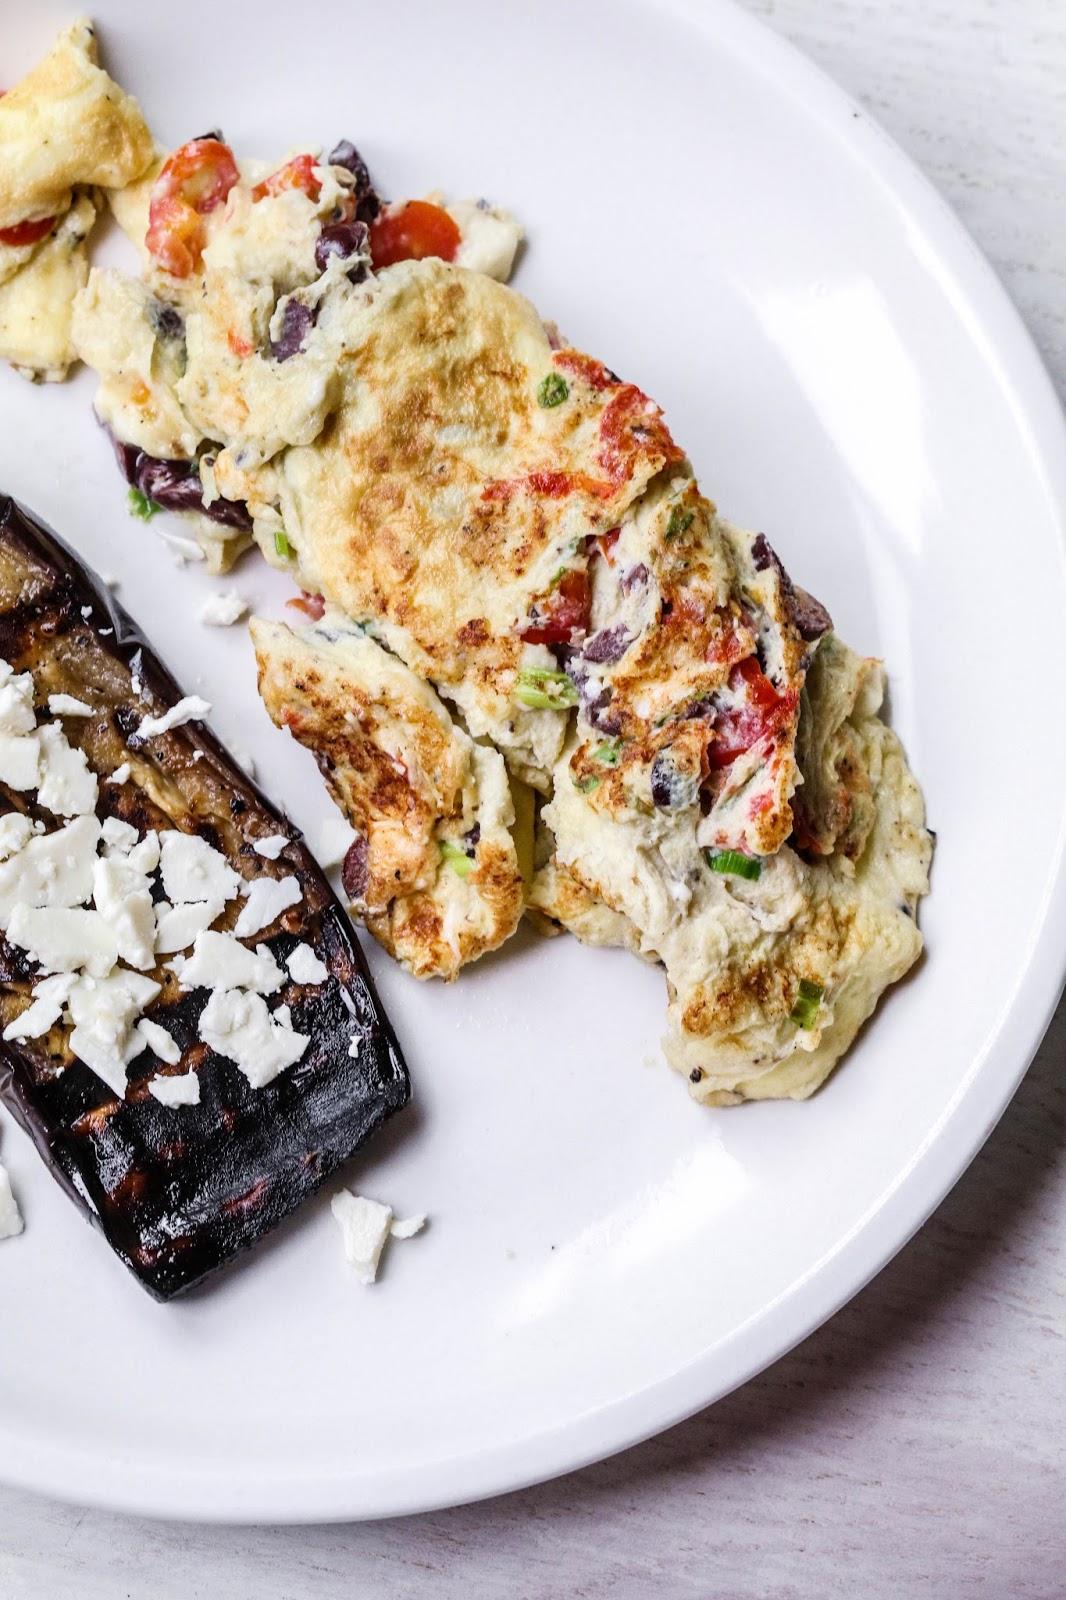 feta omelette